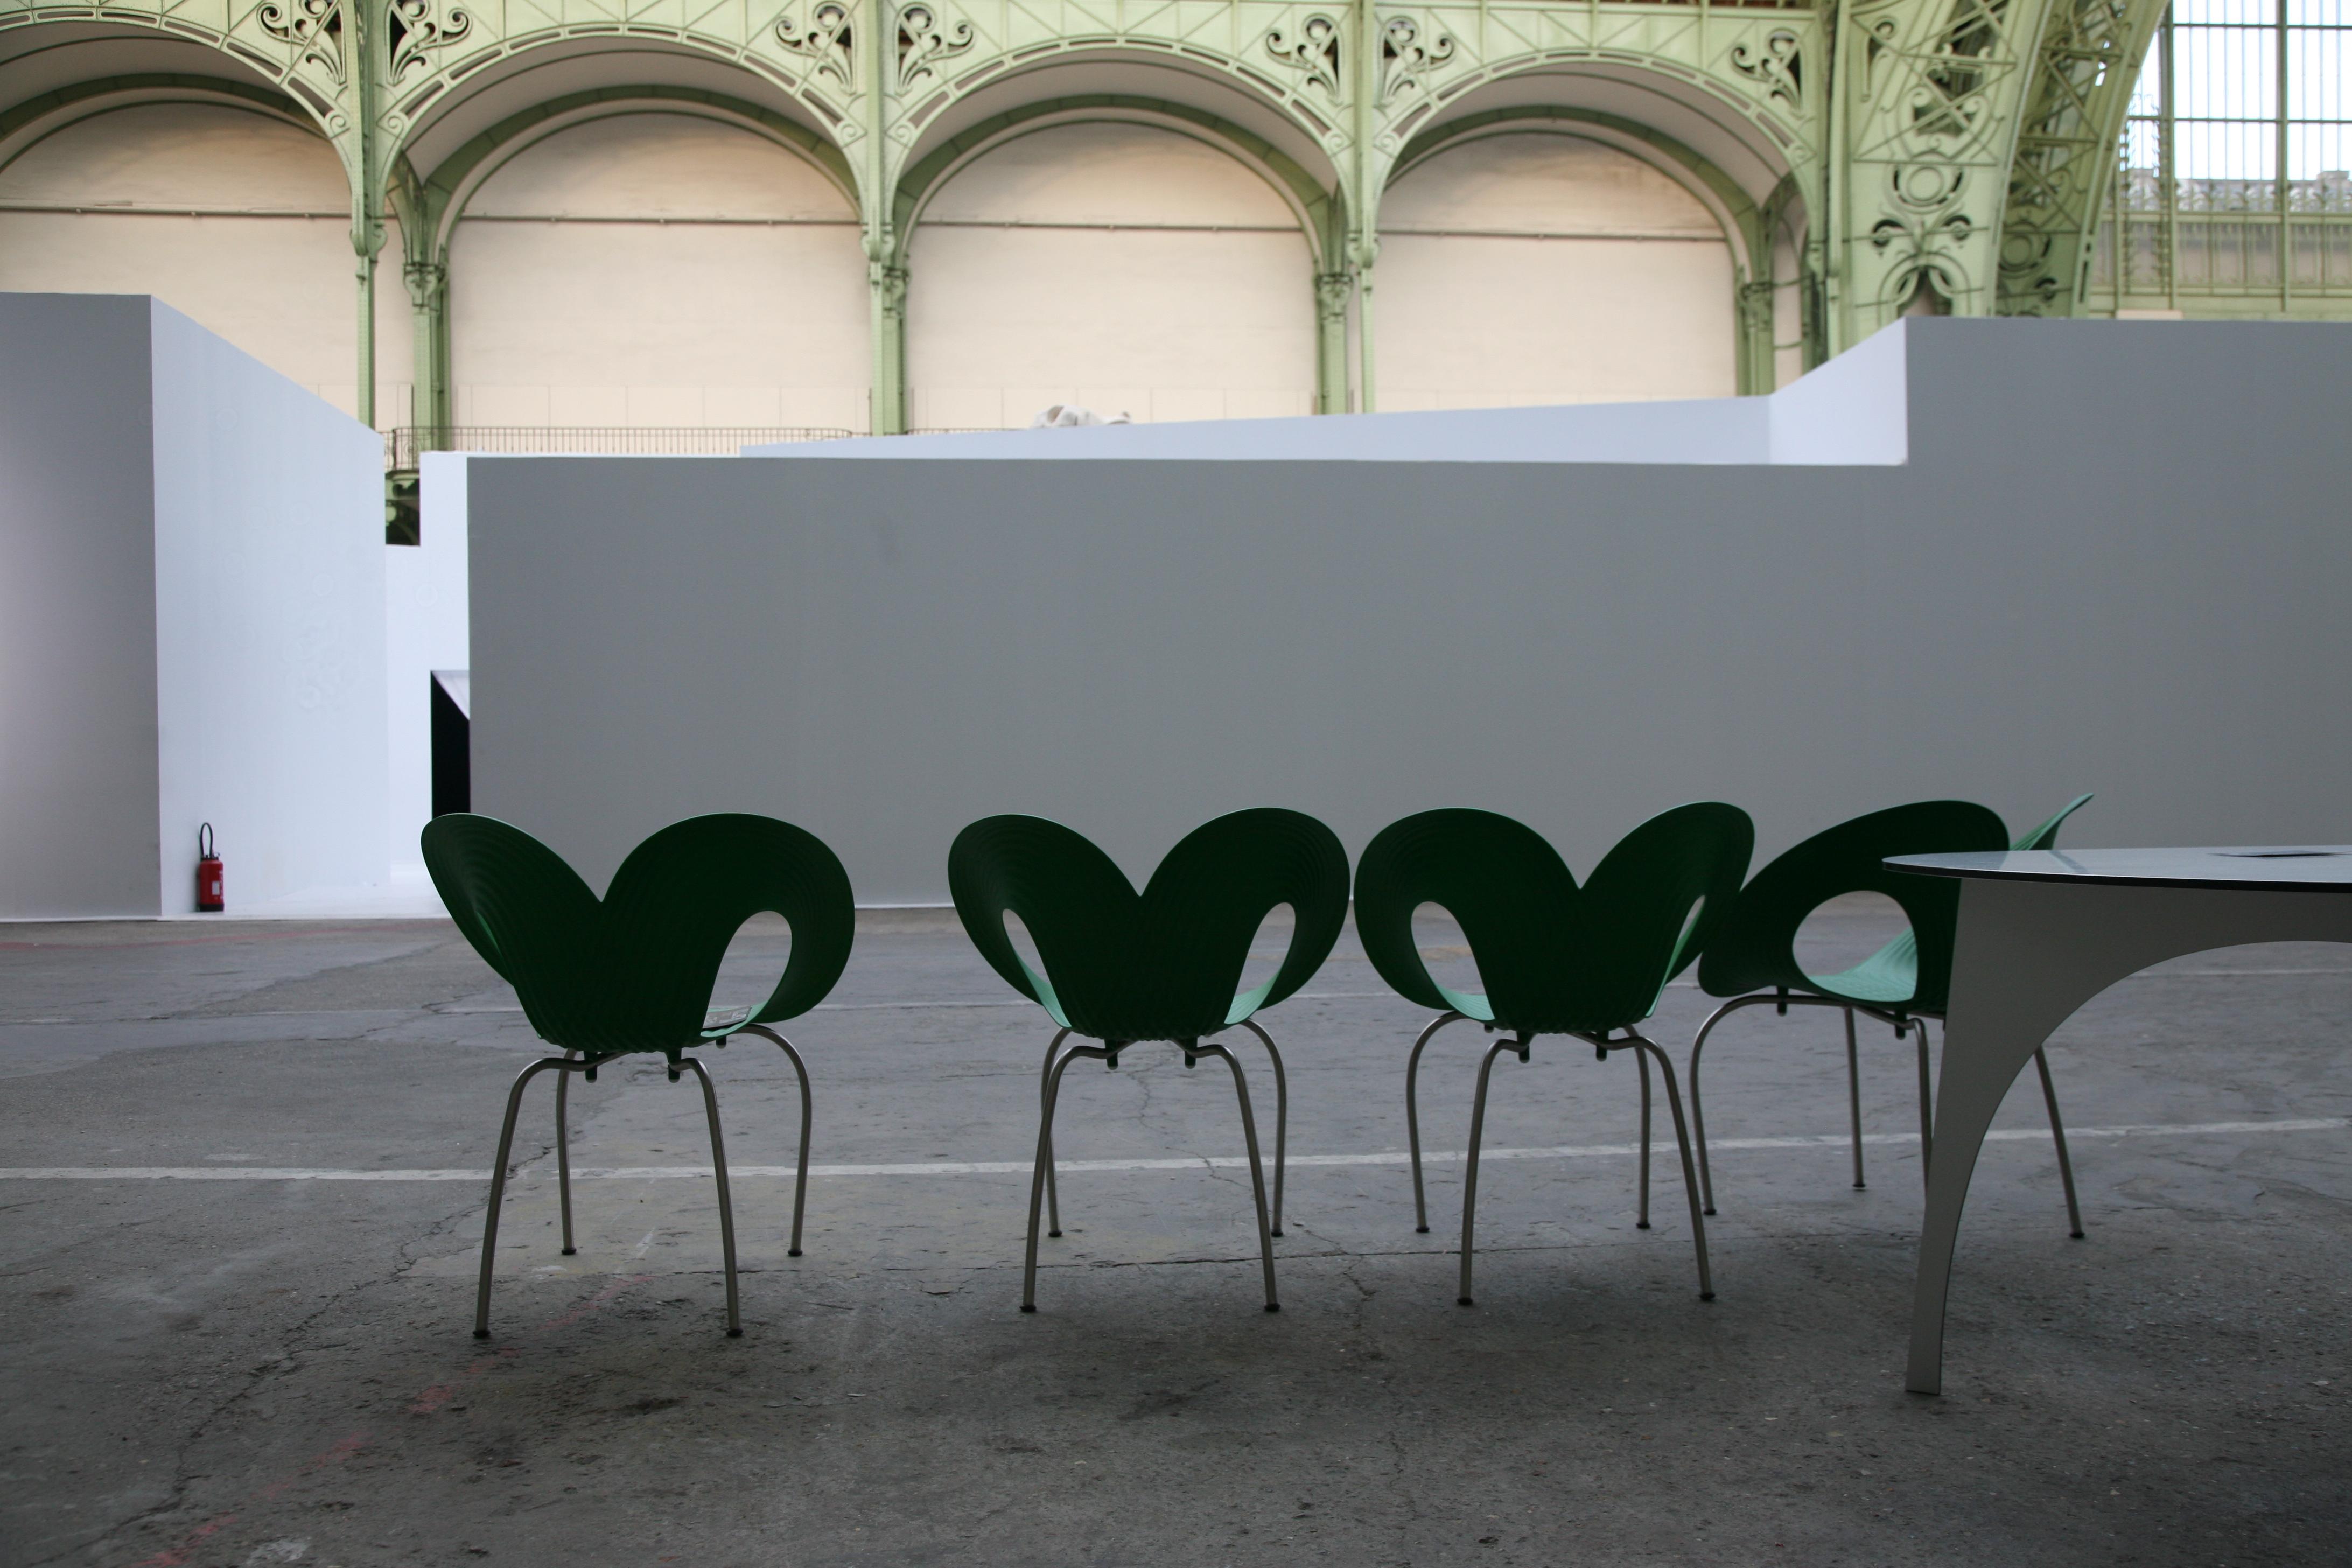 Kostenlose foto : die Architektur, Struktur, Paris, Mauer, Grün ...